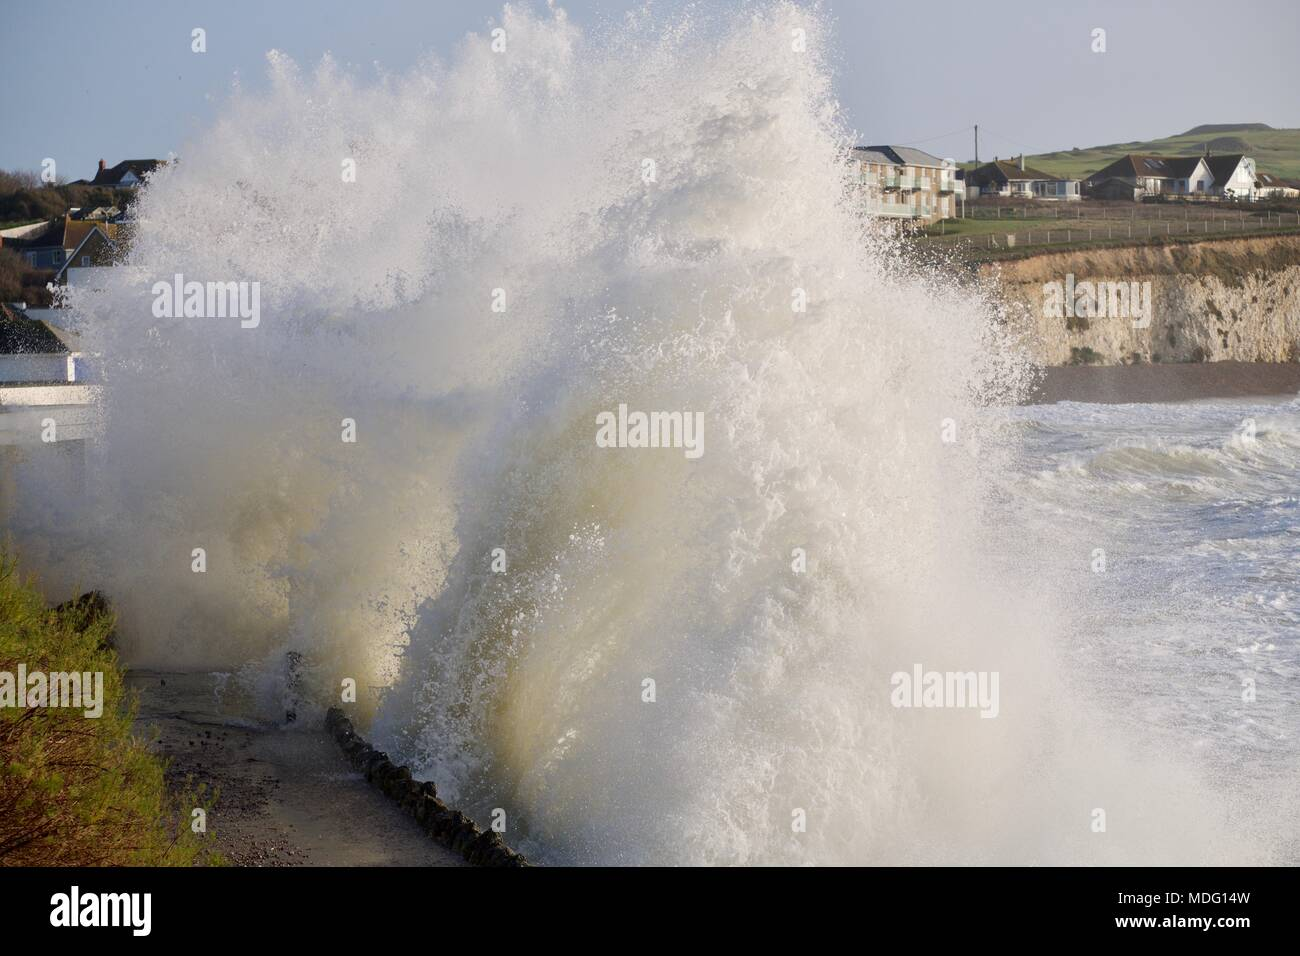 Mar agitado con grandes olas rompiendo sobre las rocas en la Bahía de Agua Dulce, en la Isla de Wight, Reino Unido Foto de stock